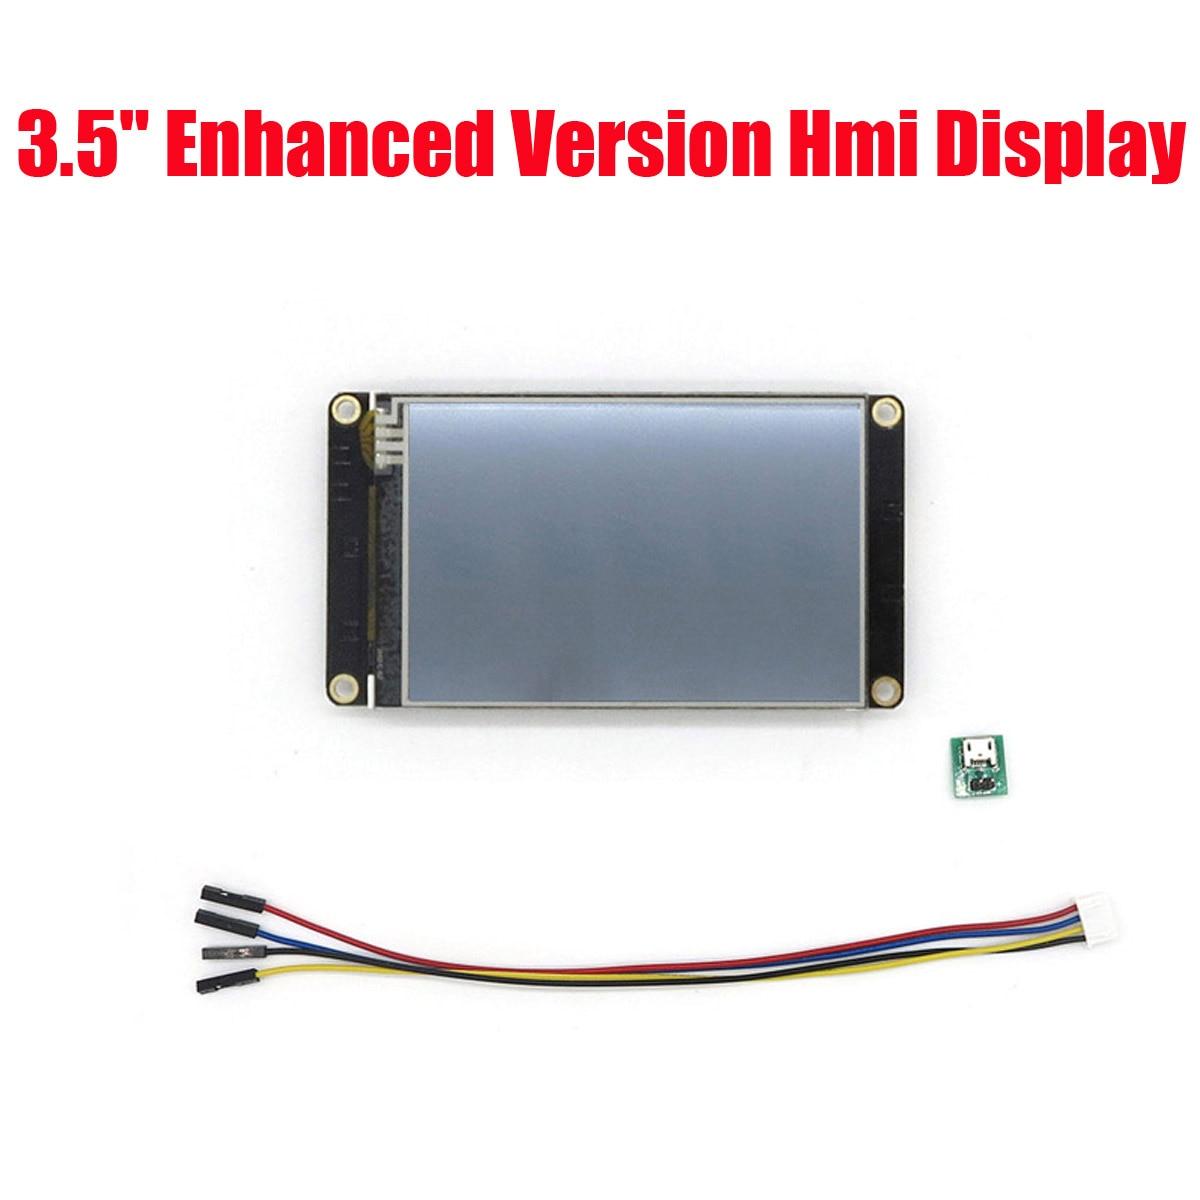 3.5 pouces Nextion amélioré HMI Intelligent Intelligent USART UART série Tou ch TFT LCD panneau d'affichage panneau d'affichage LCD Module NX4832K035